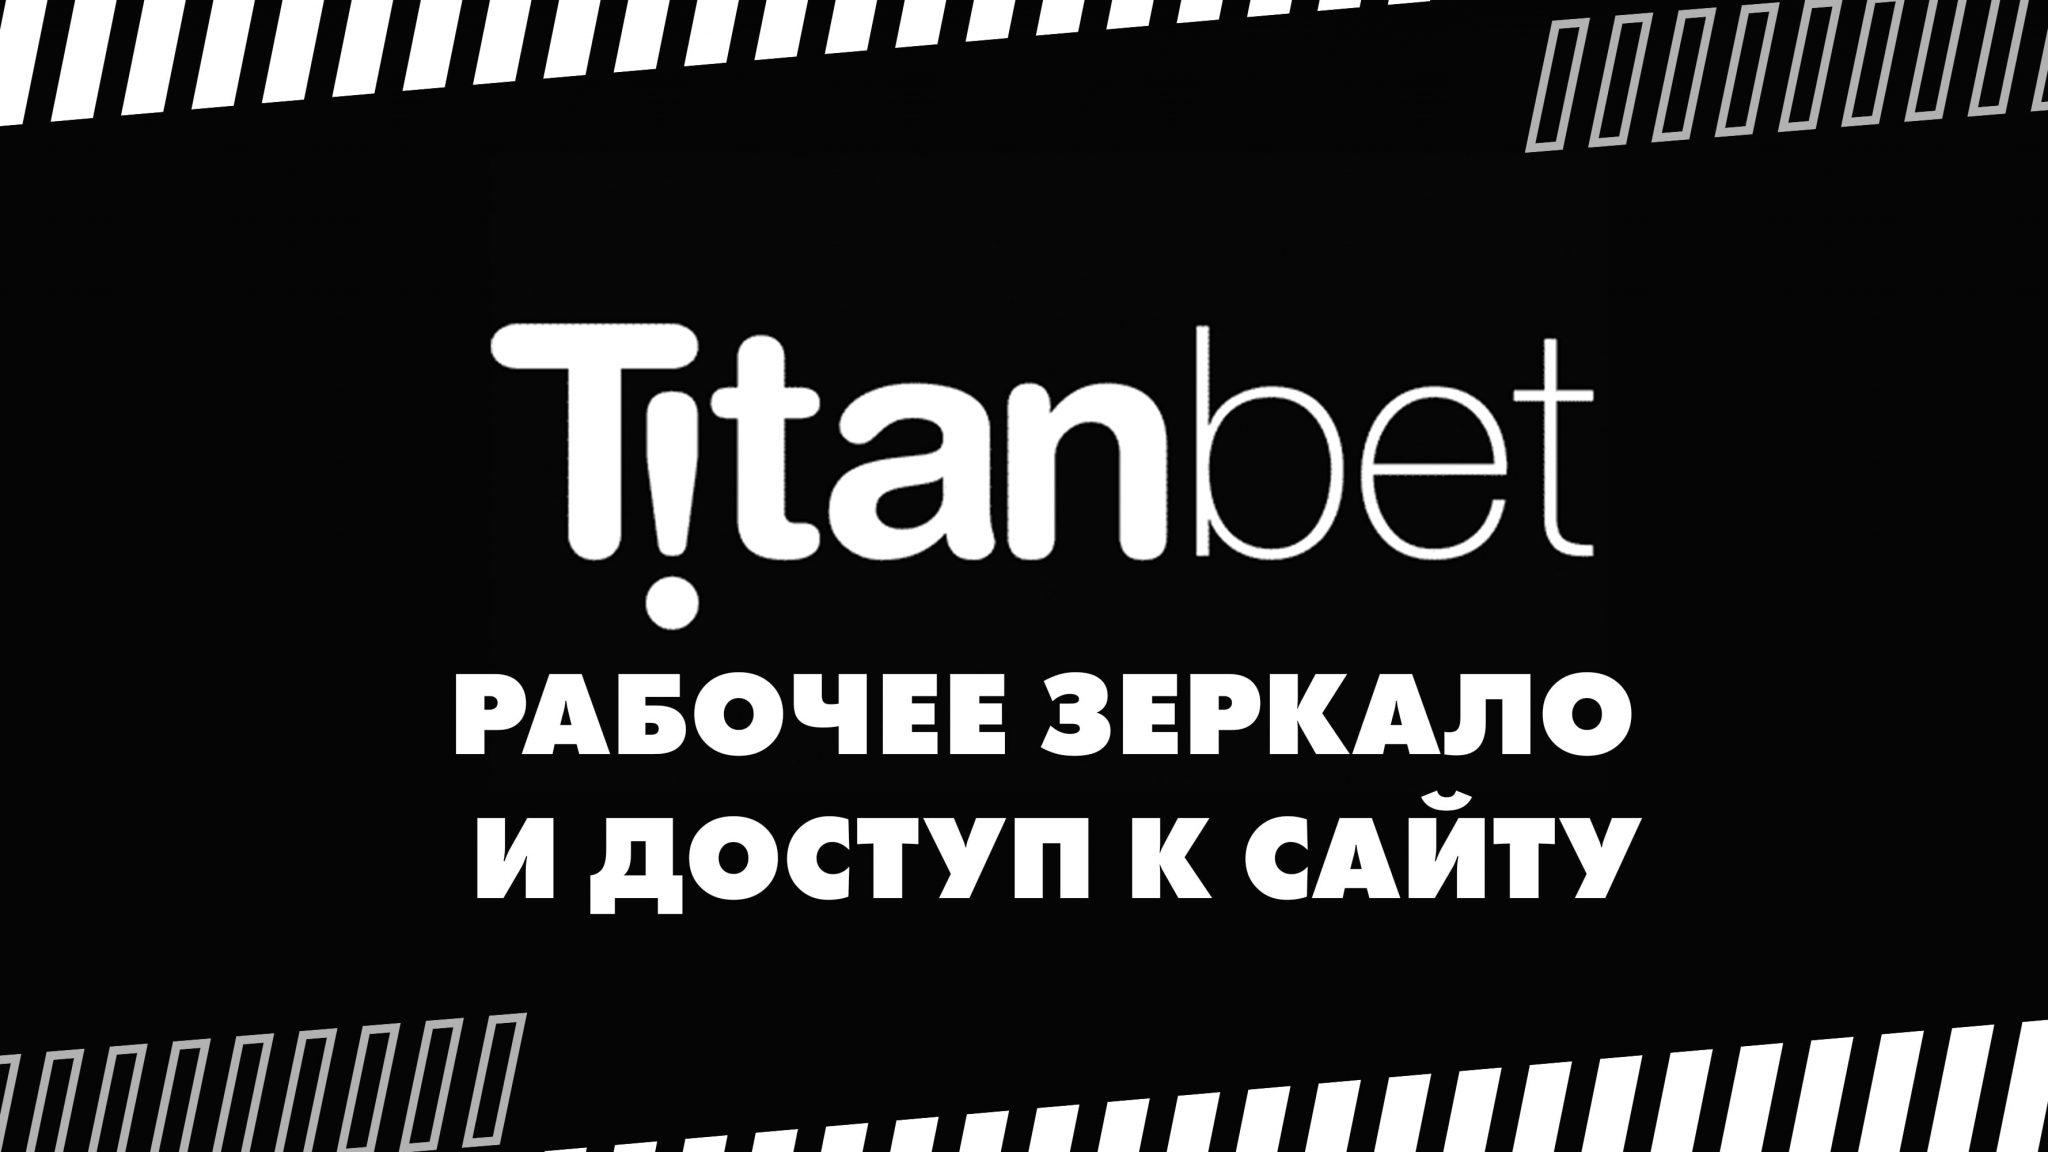 БК Titanbet зеркало и доступ к сайту